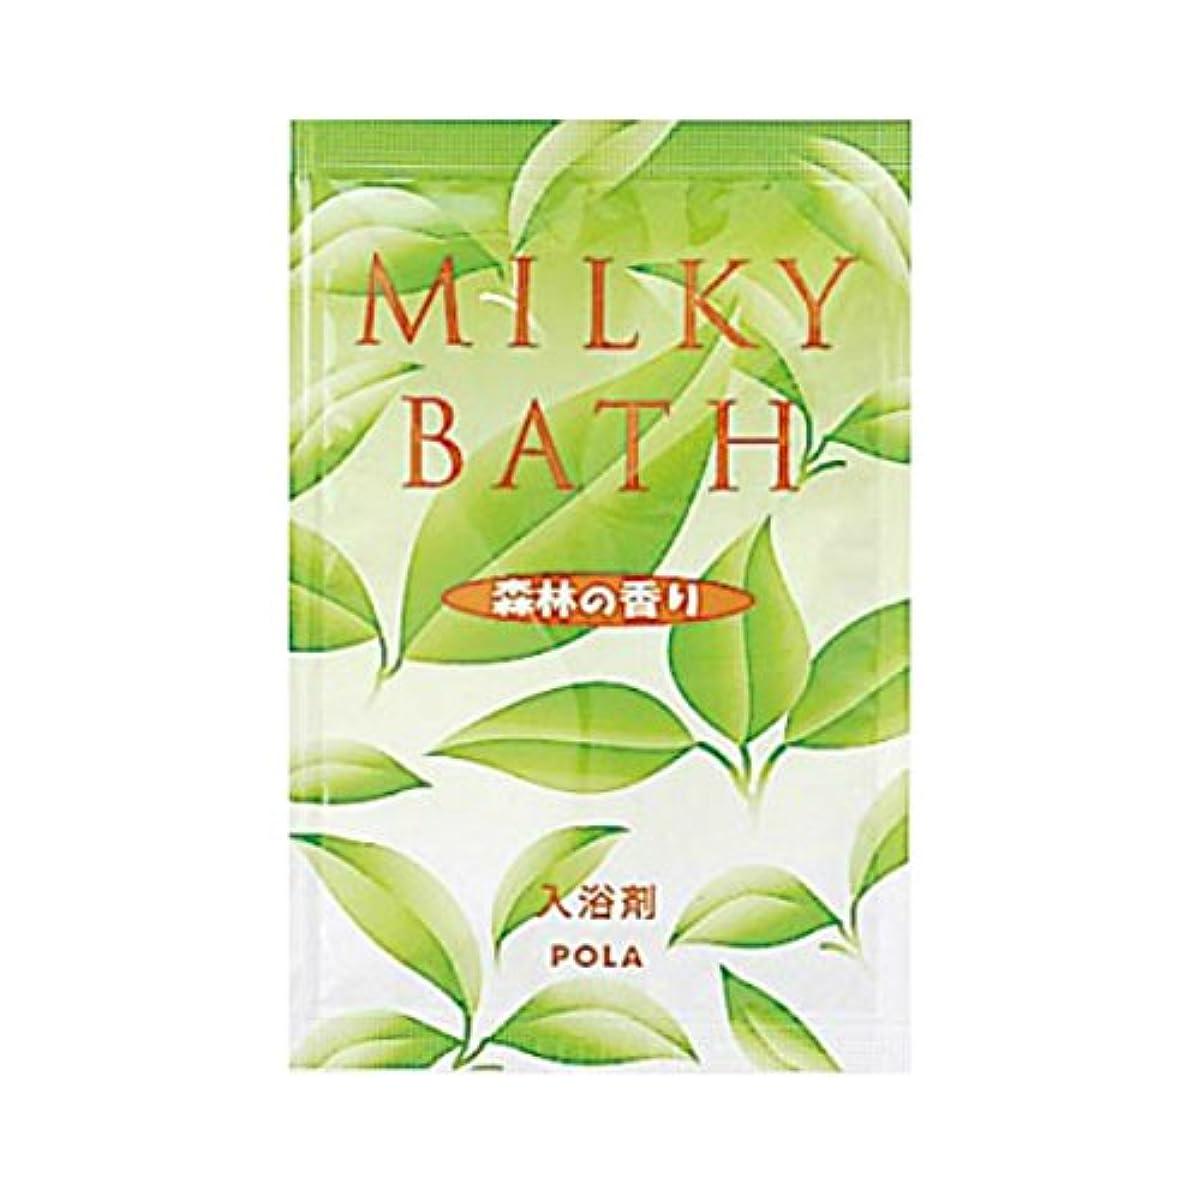 フェッチ消費名詞POLA ポーラ アイエス ミルキィバス 森林の香り<浴用化粧品> 18mL×100包